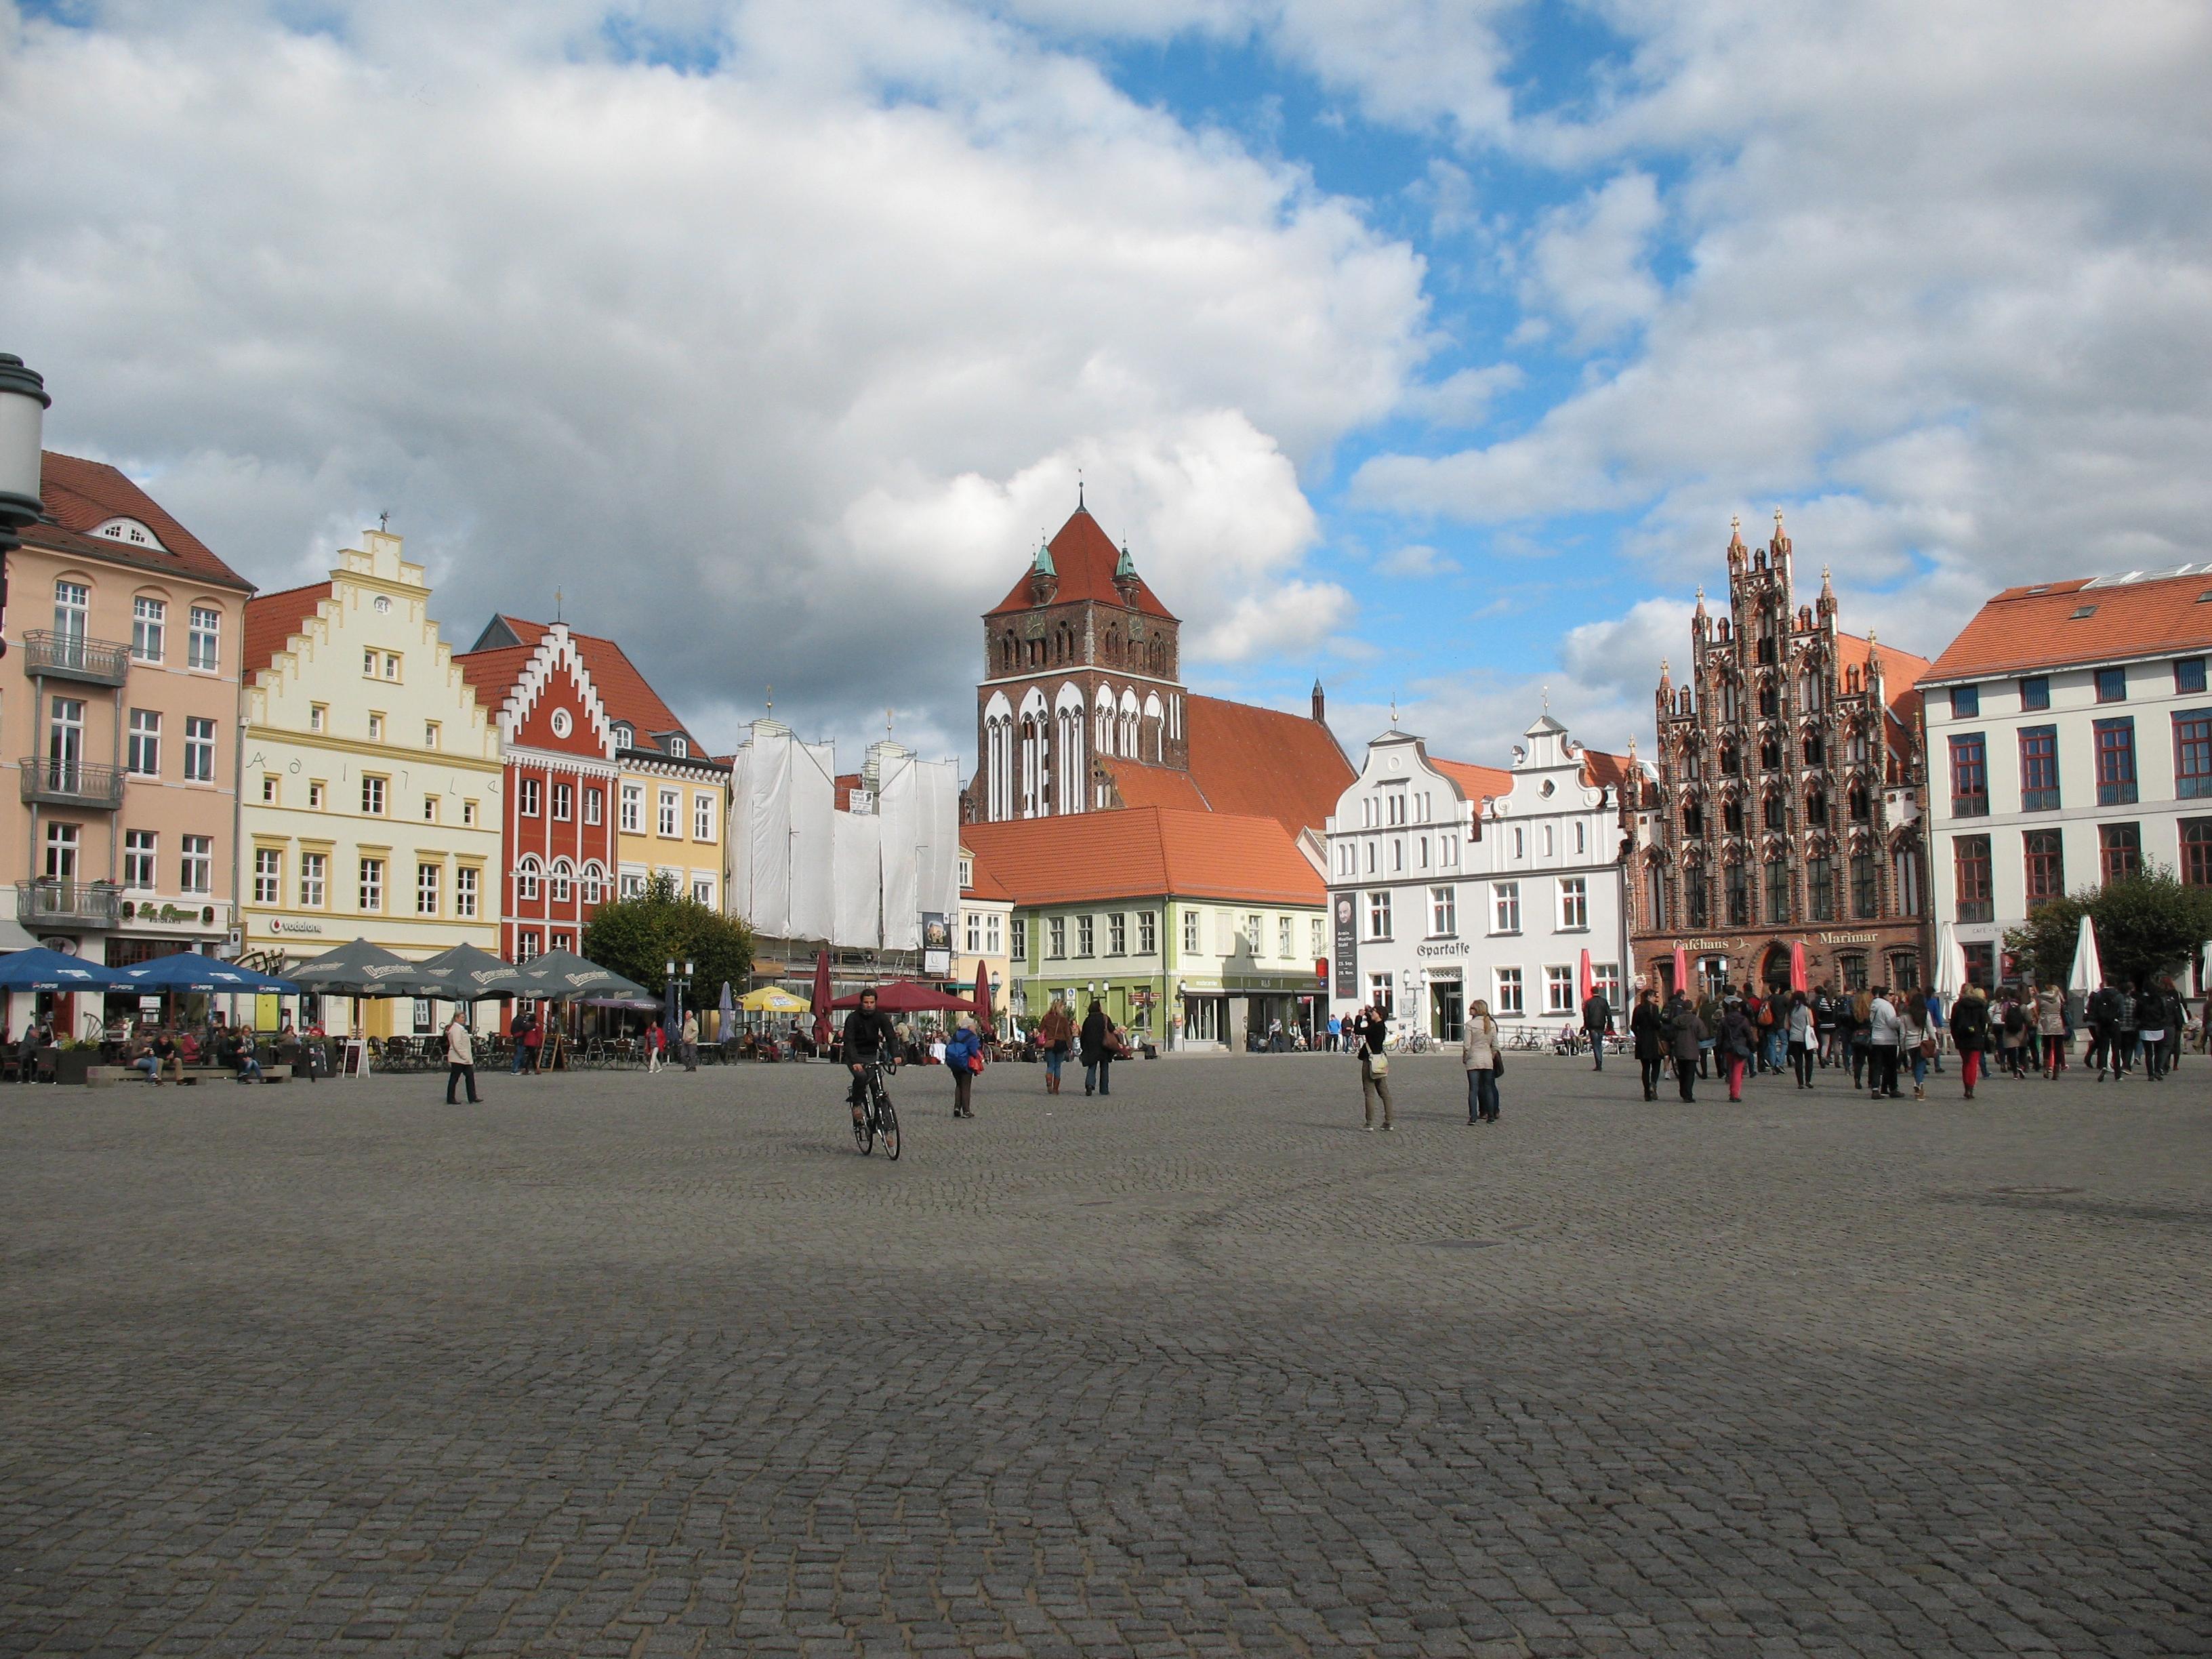 Greifswald © Jirsi Reinders